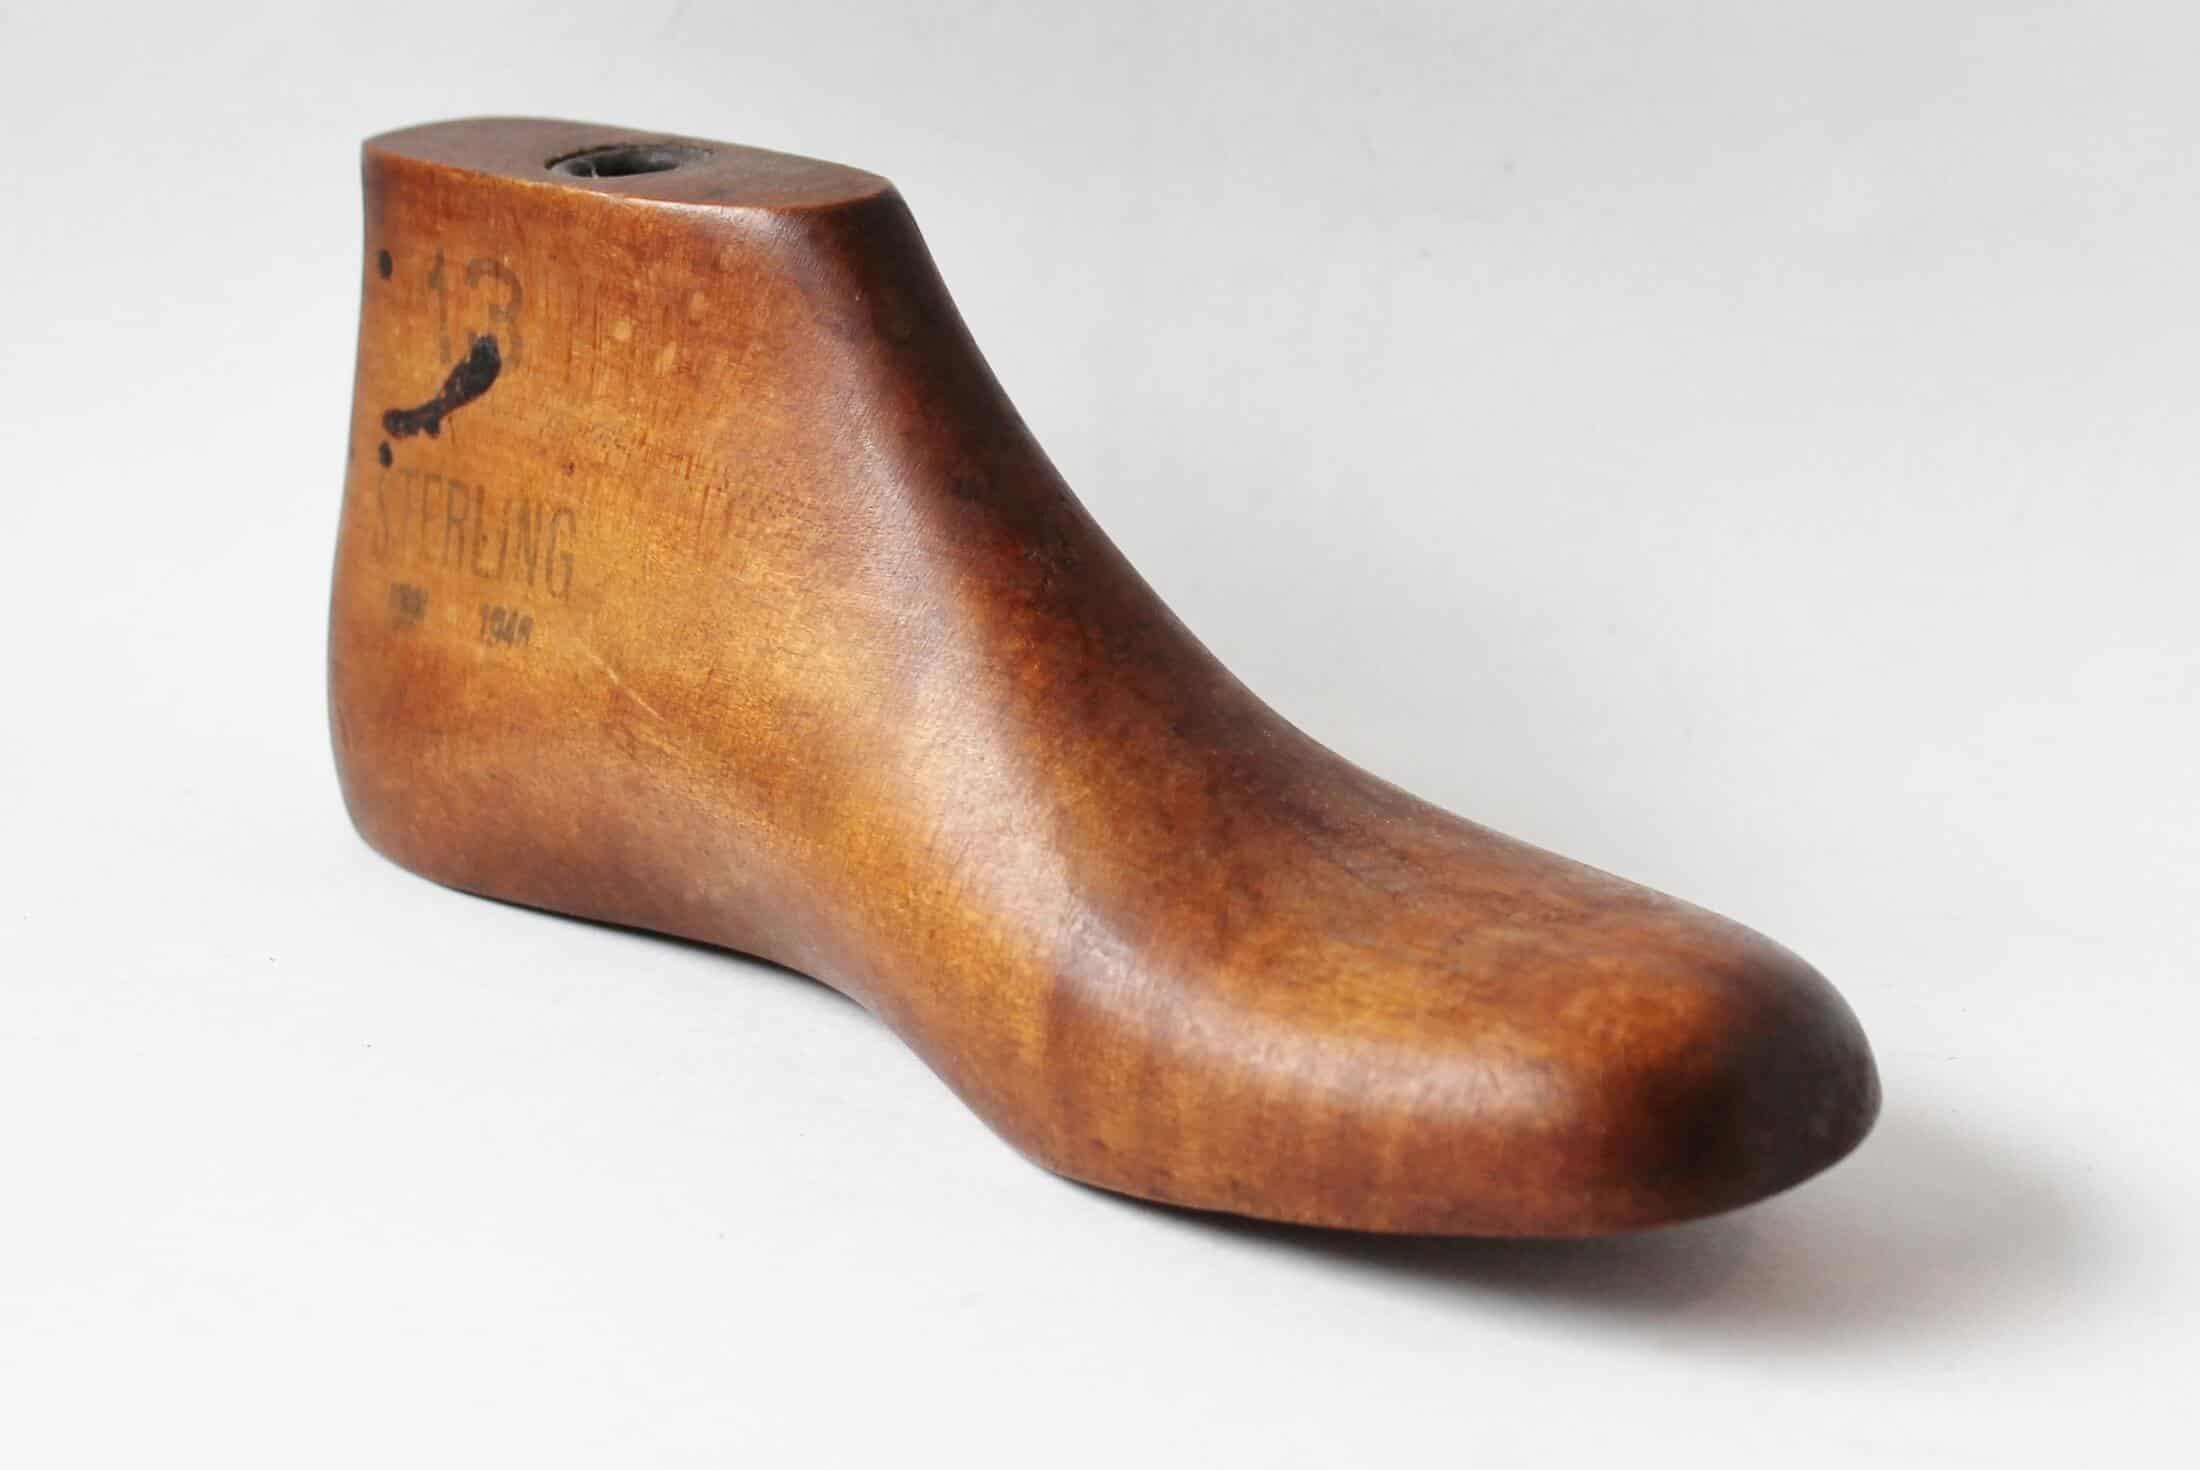 Antique wooden shoe last